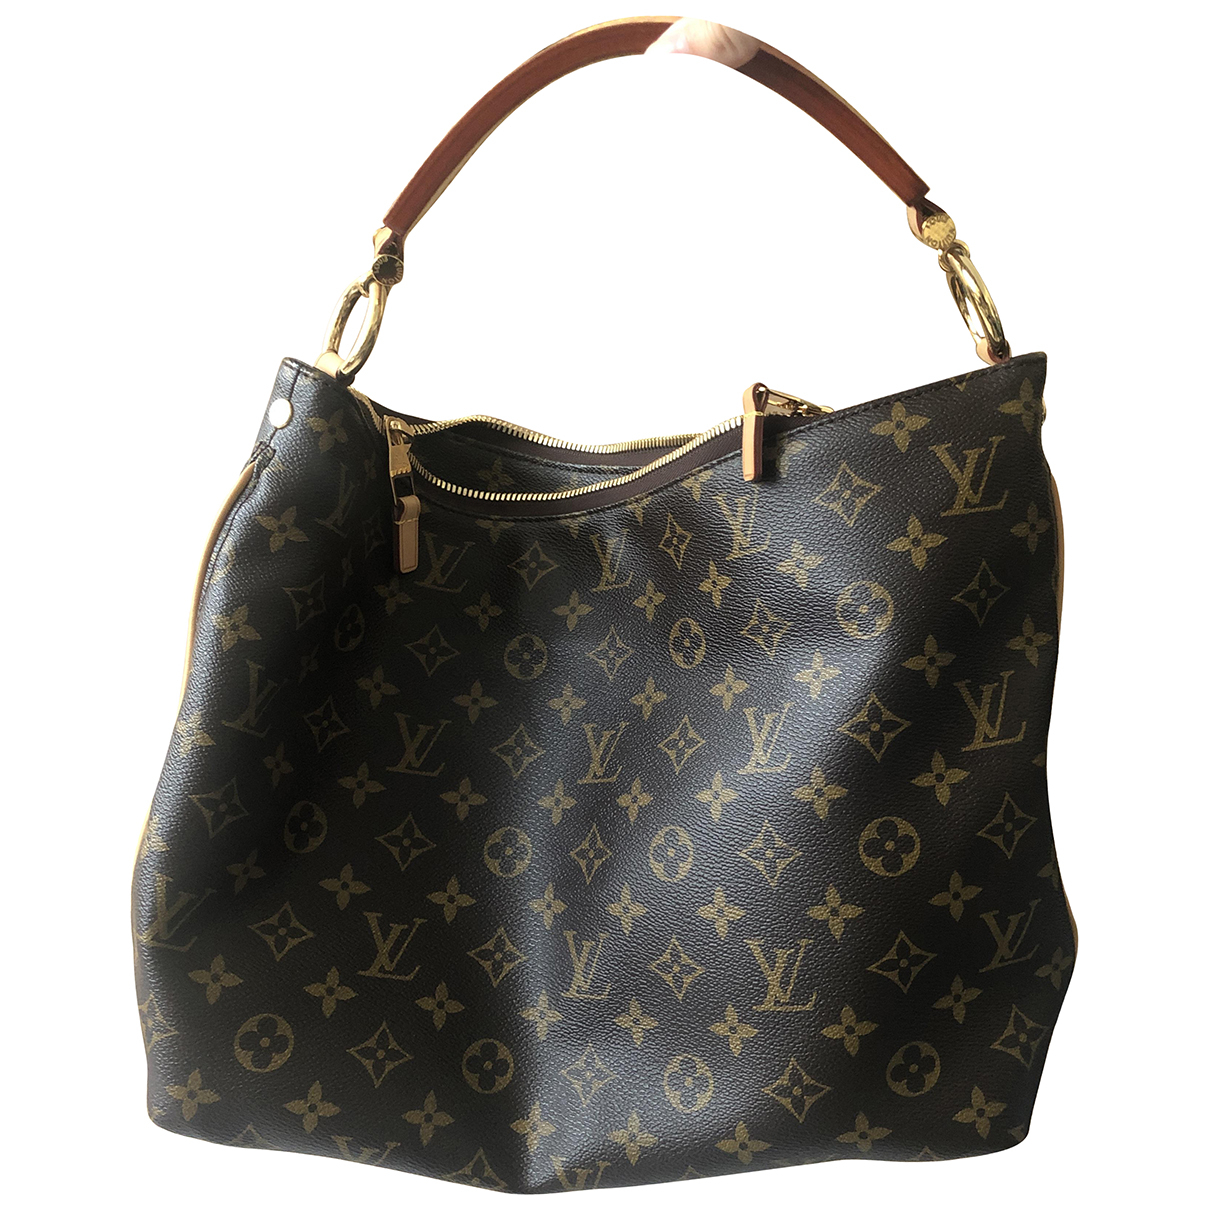 Bolso  Sully de Lona Louis Vuitton